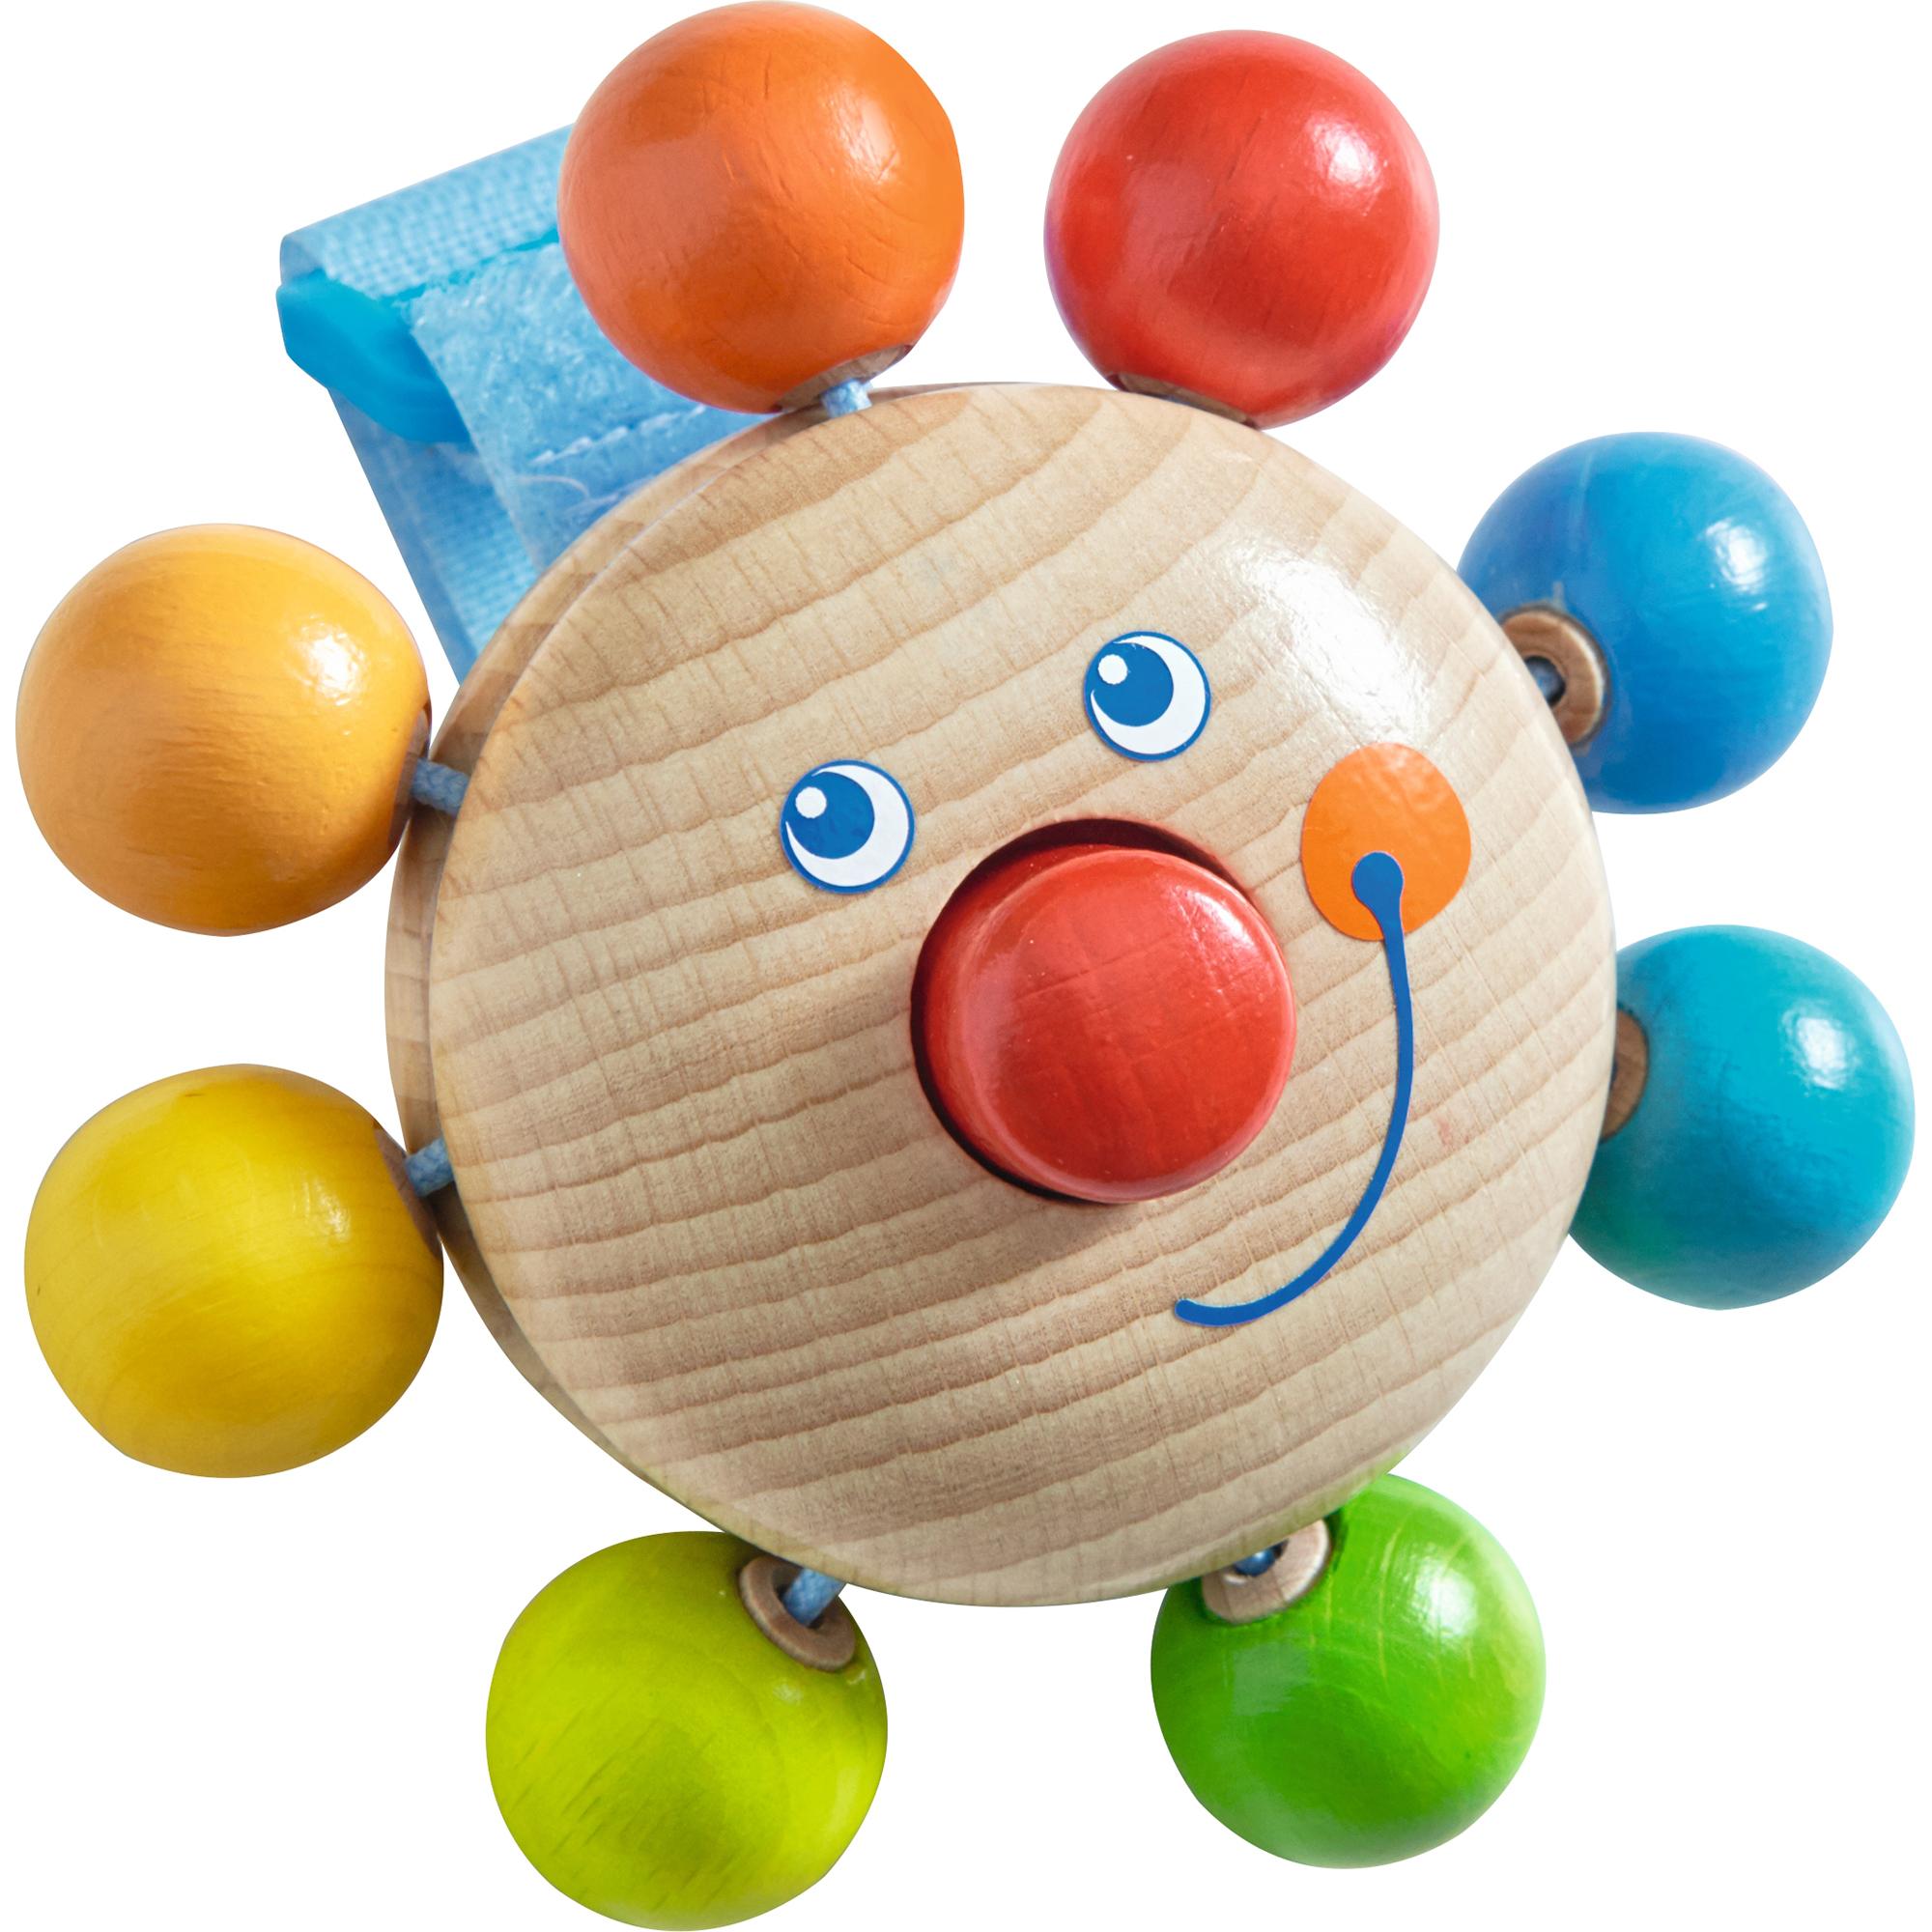 Jucarie pentru carucior, Haba, Clown, 12luni+